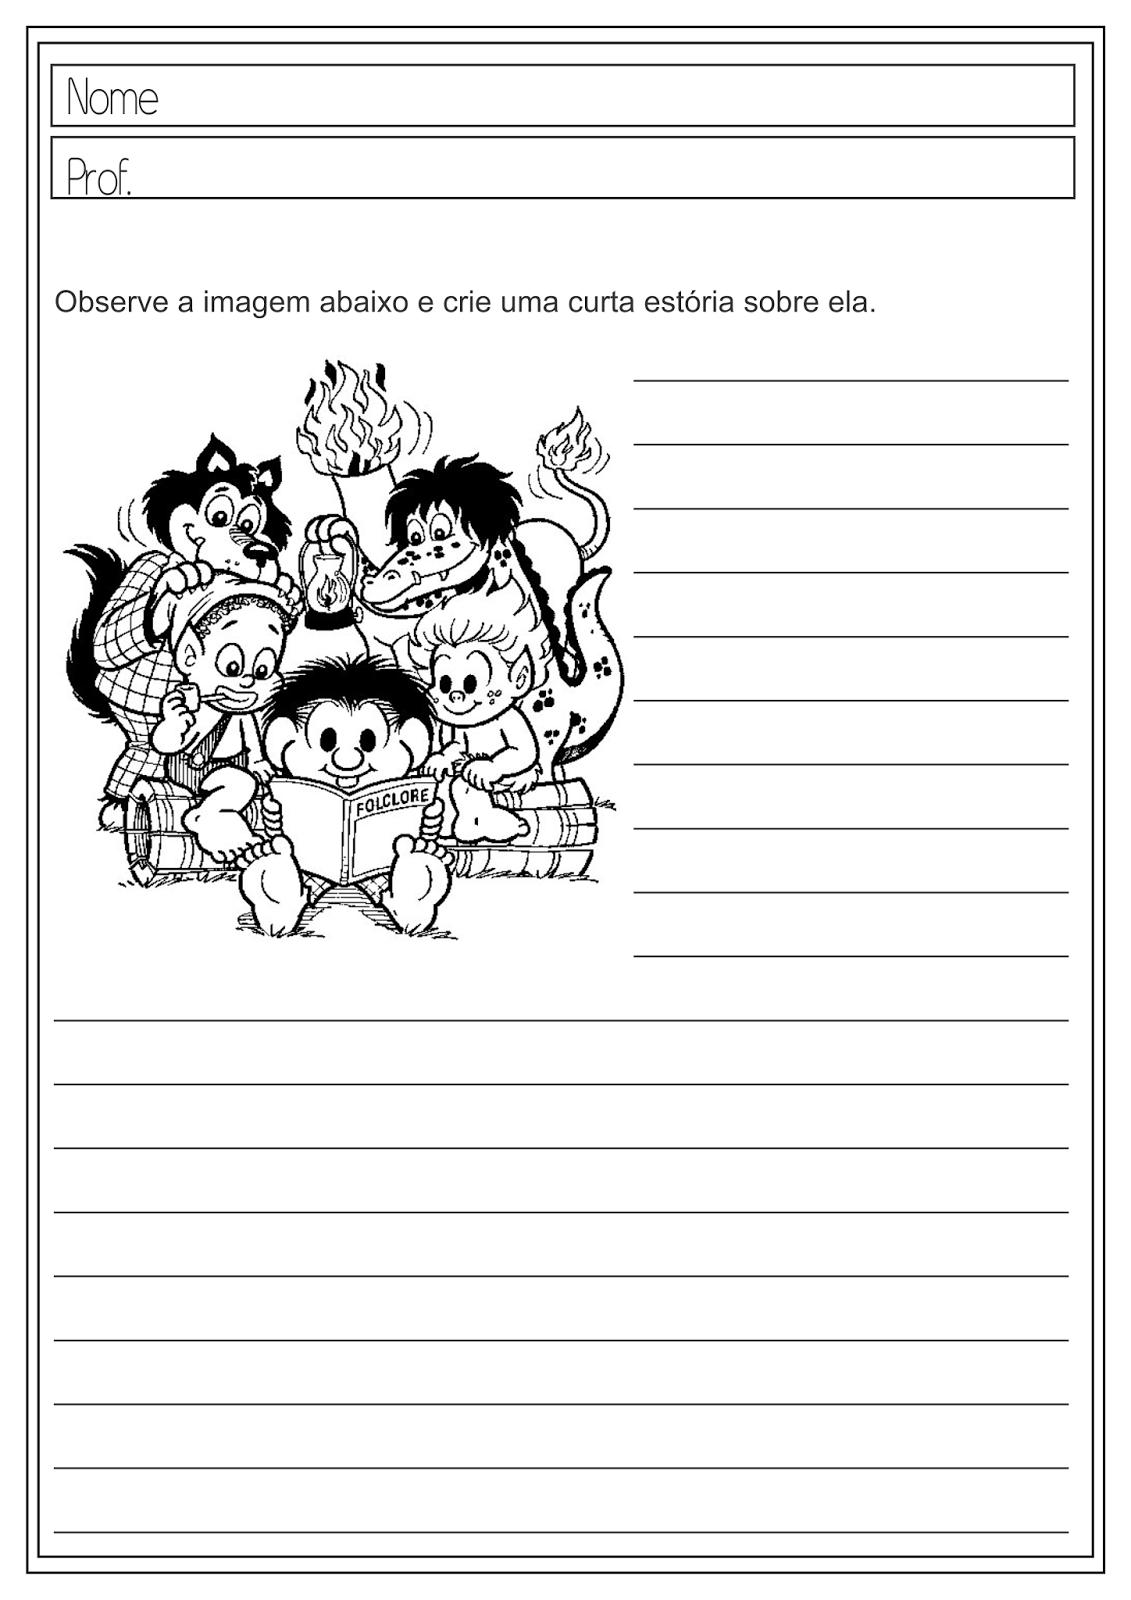 Atividades Educativas Produção de Texto - Folclore para Ensino Fundamental